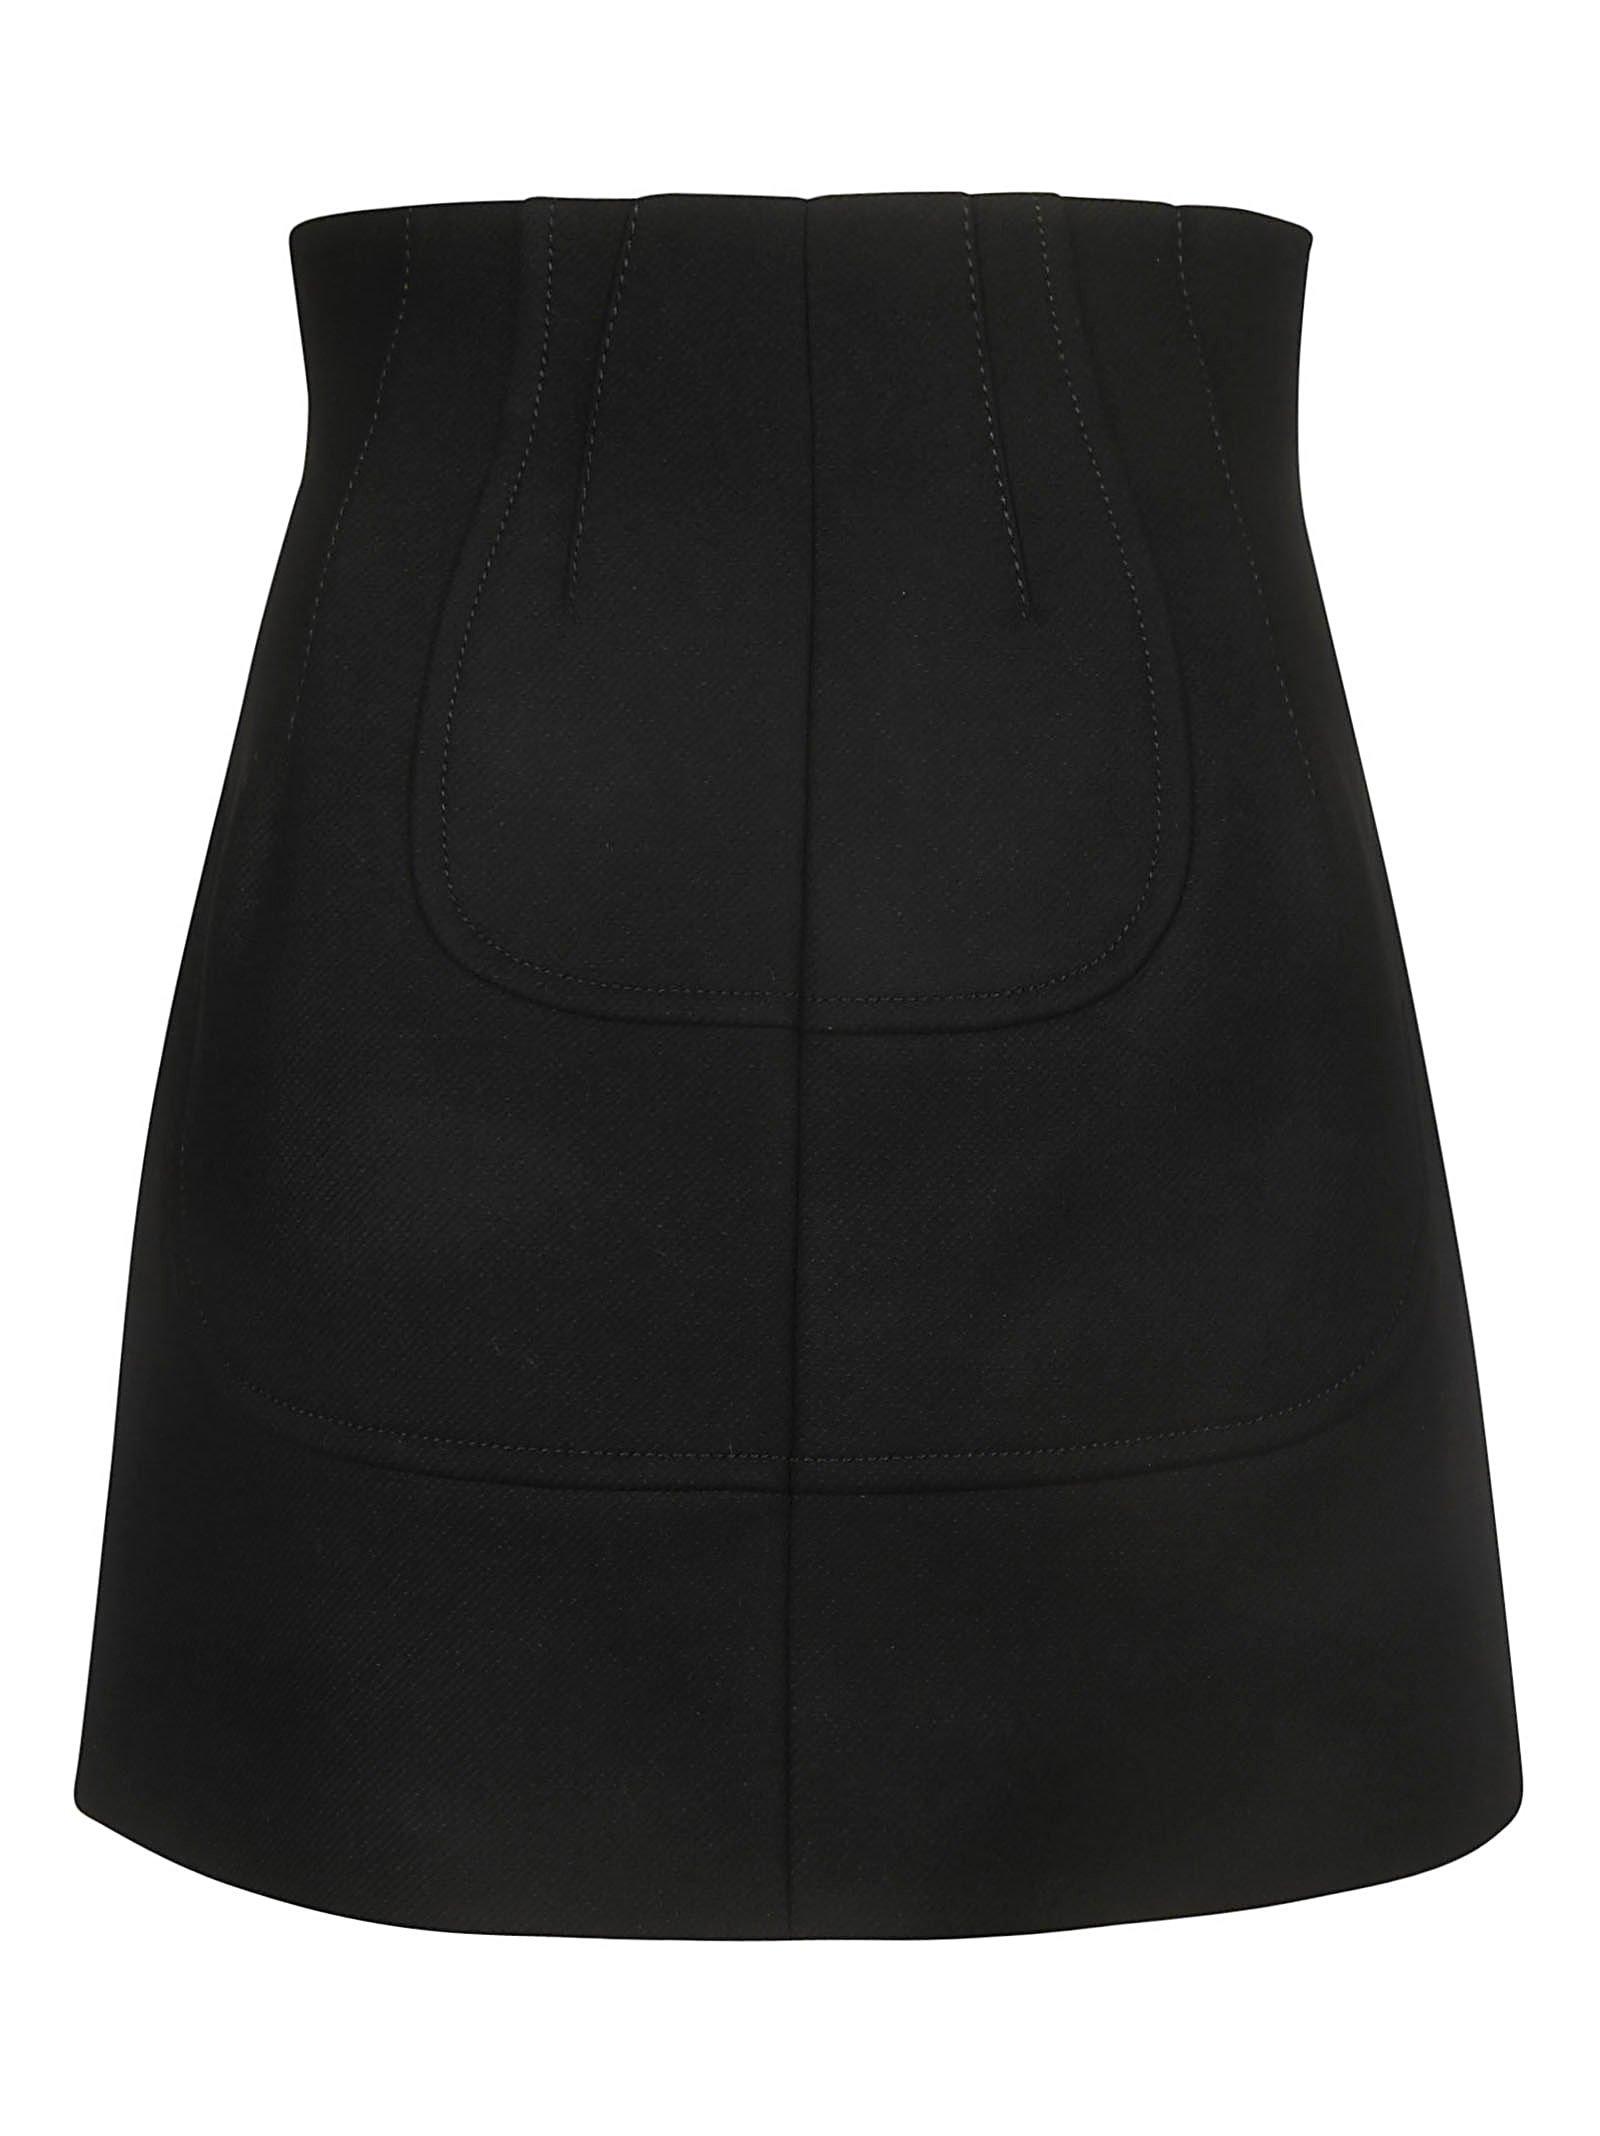 N.21 Back-zipped Mini Skirt